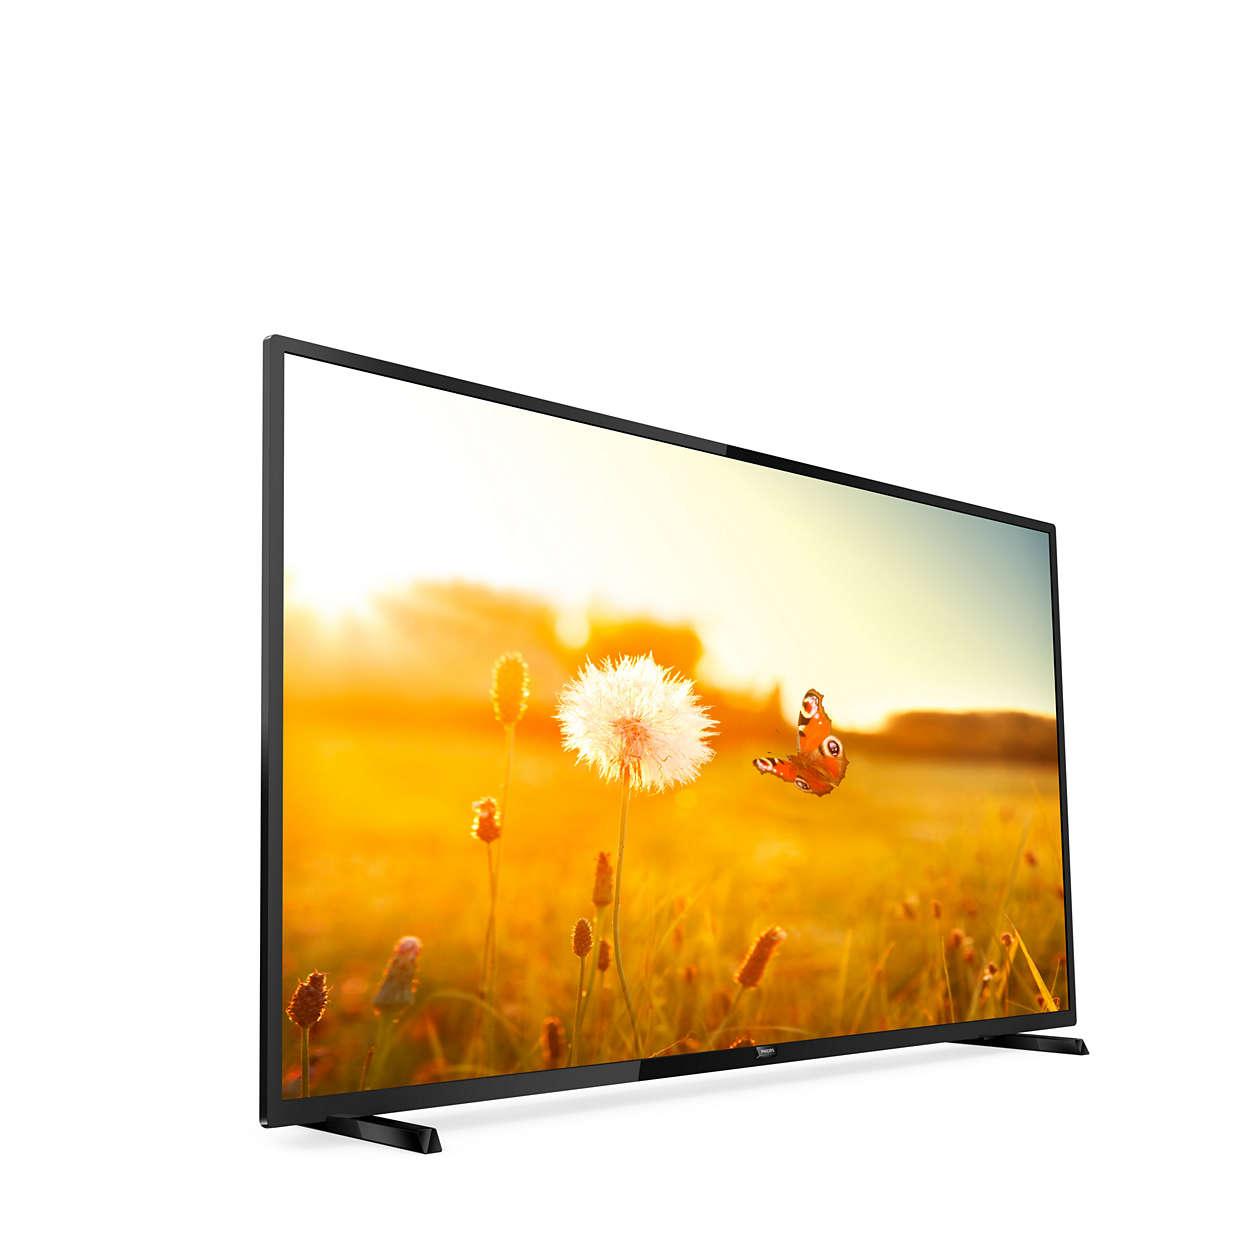 43' HTV Philips 43HFL3014 - EasySuite